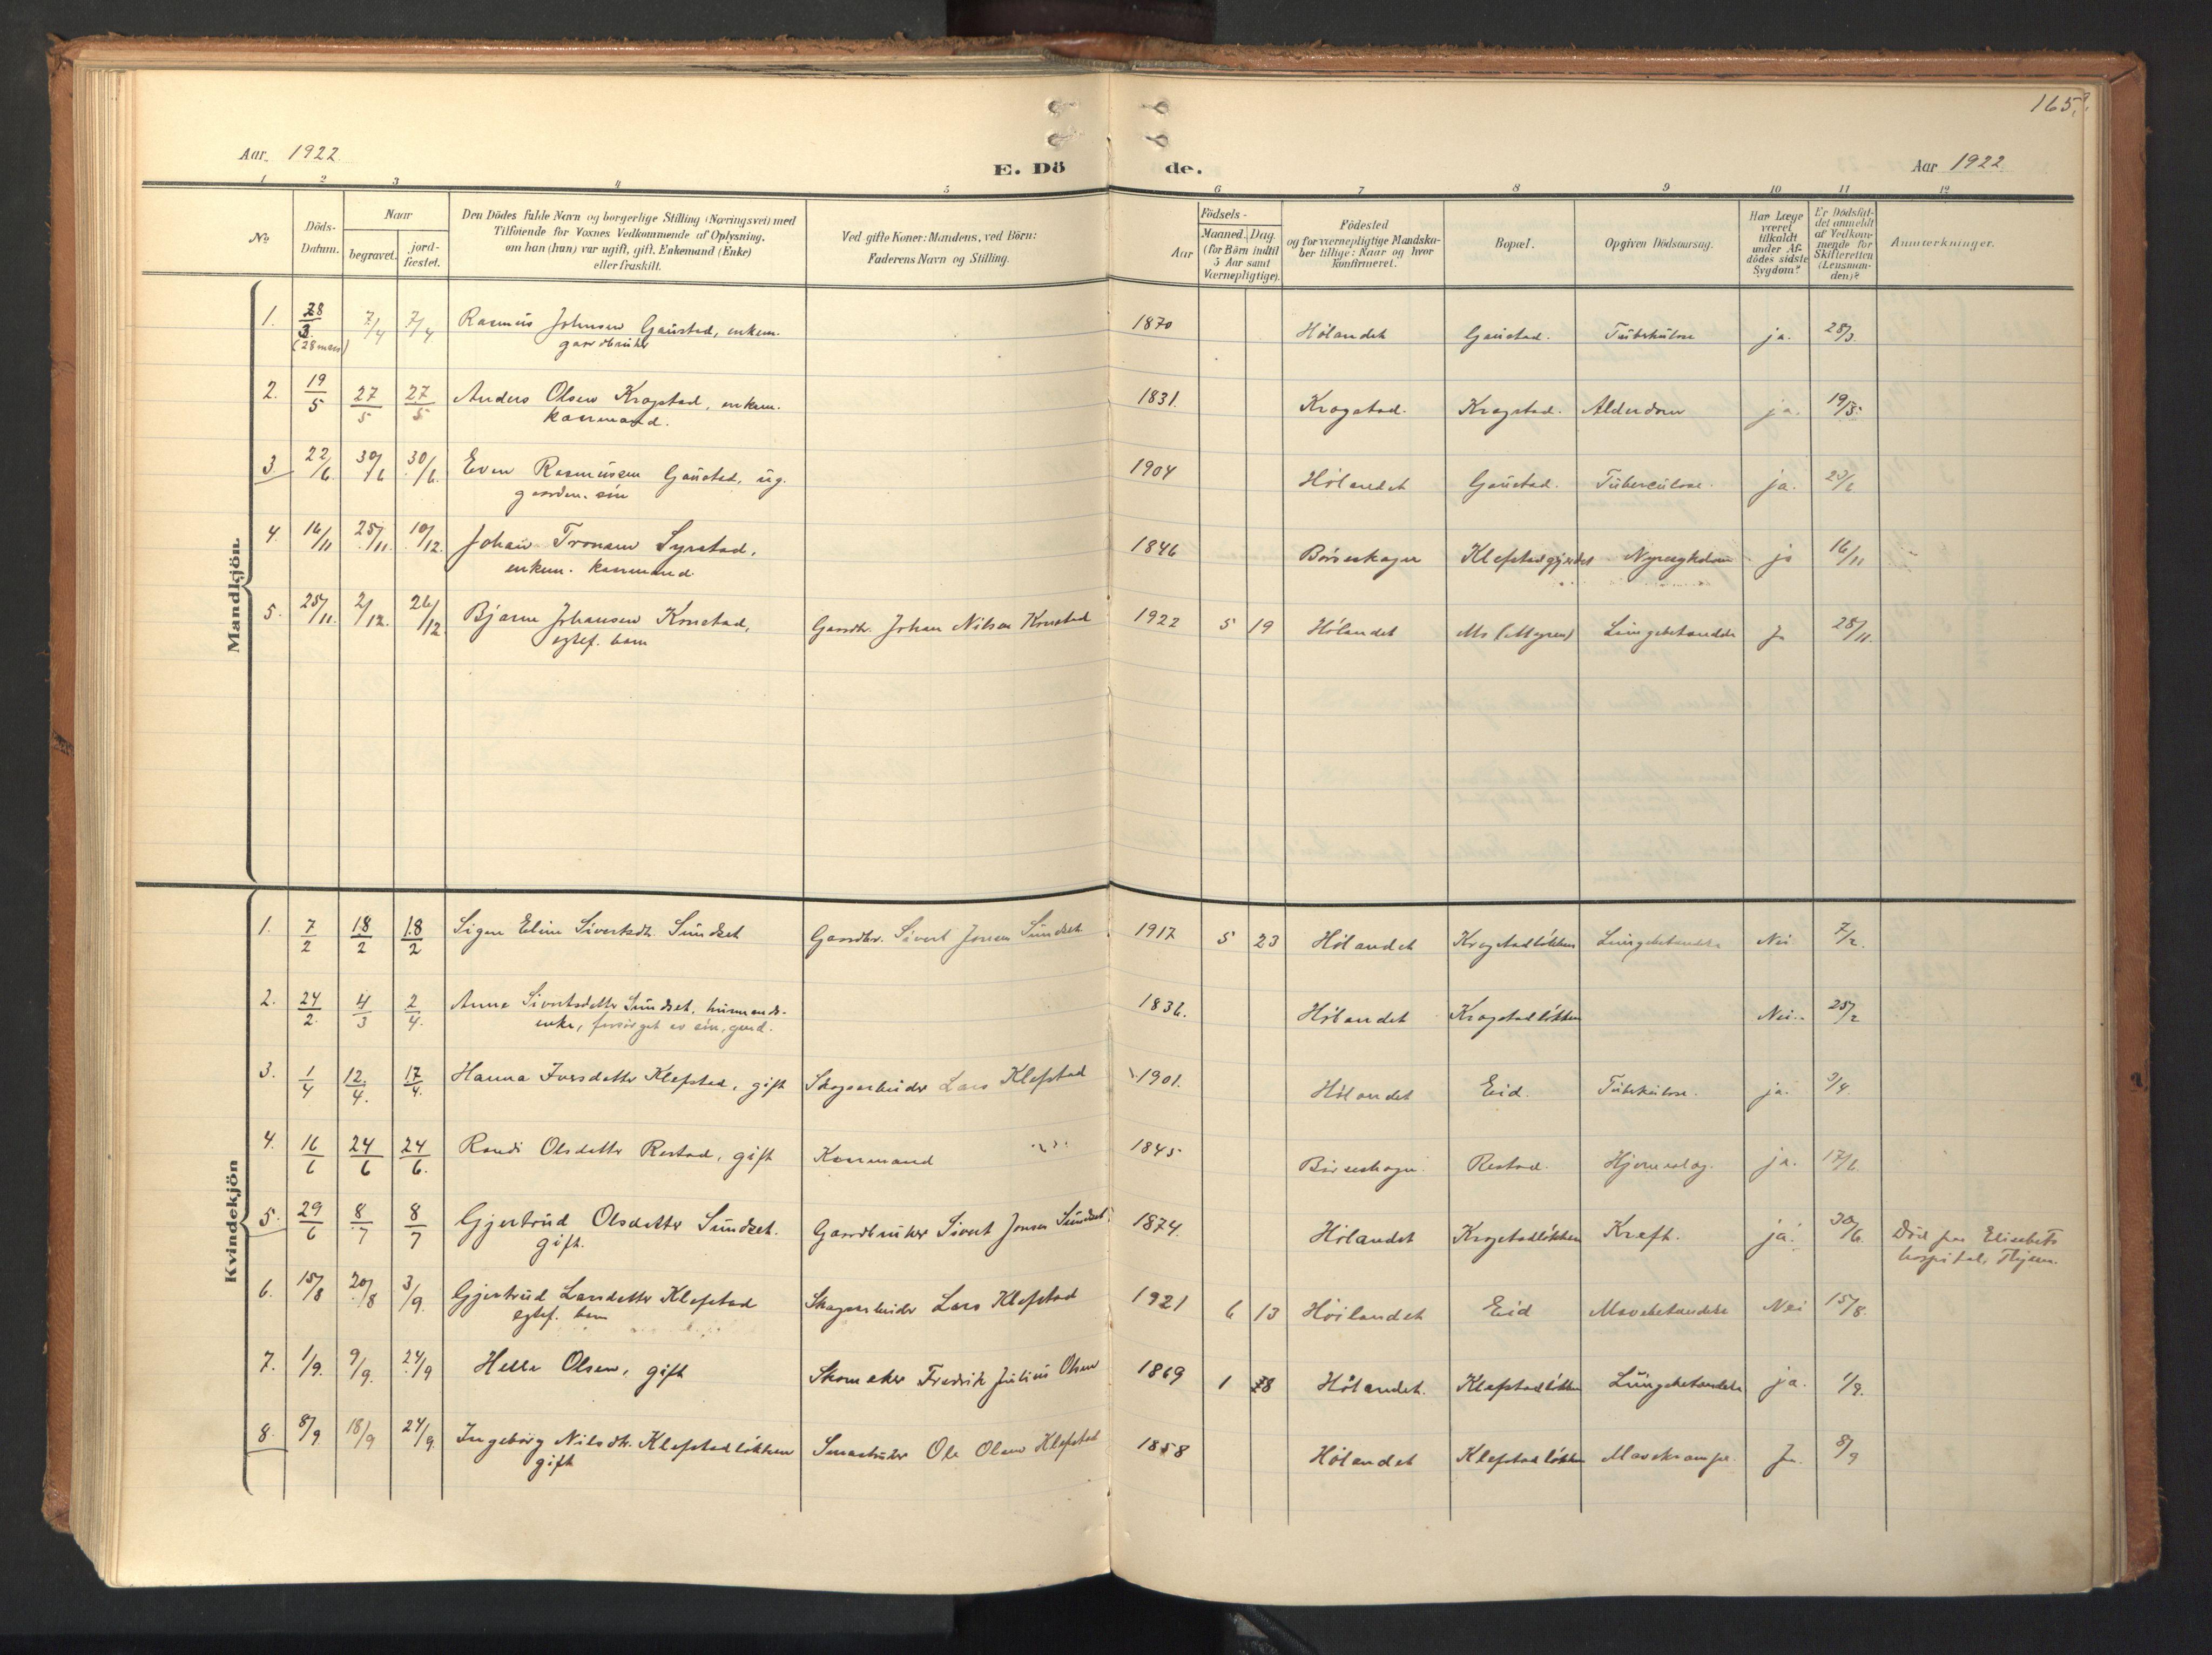 SAT, Ministerialprotokoller, klokkerbøker og fødselsregistre - Sør-Trøndelag, 694/L1128: Ministerialbok nr. 694A02, 1906-1931, s. 165